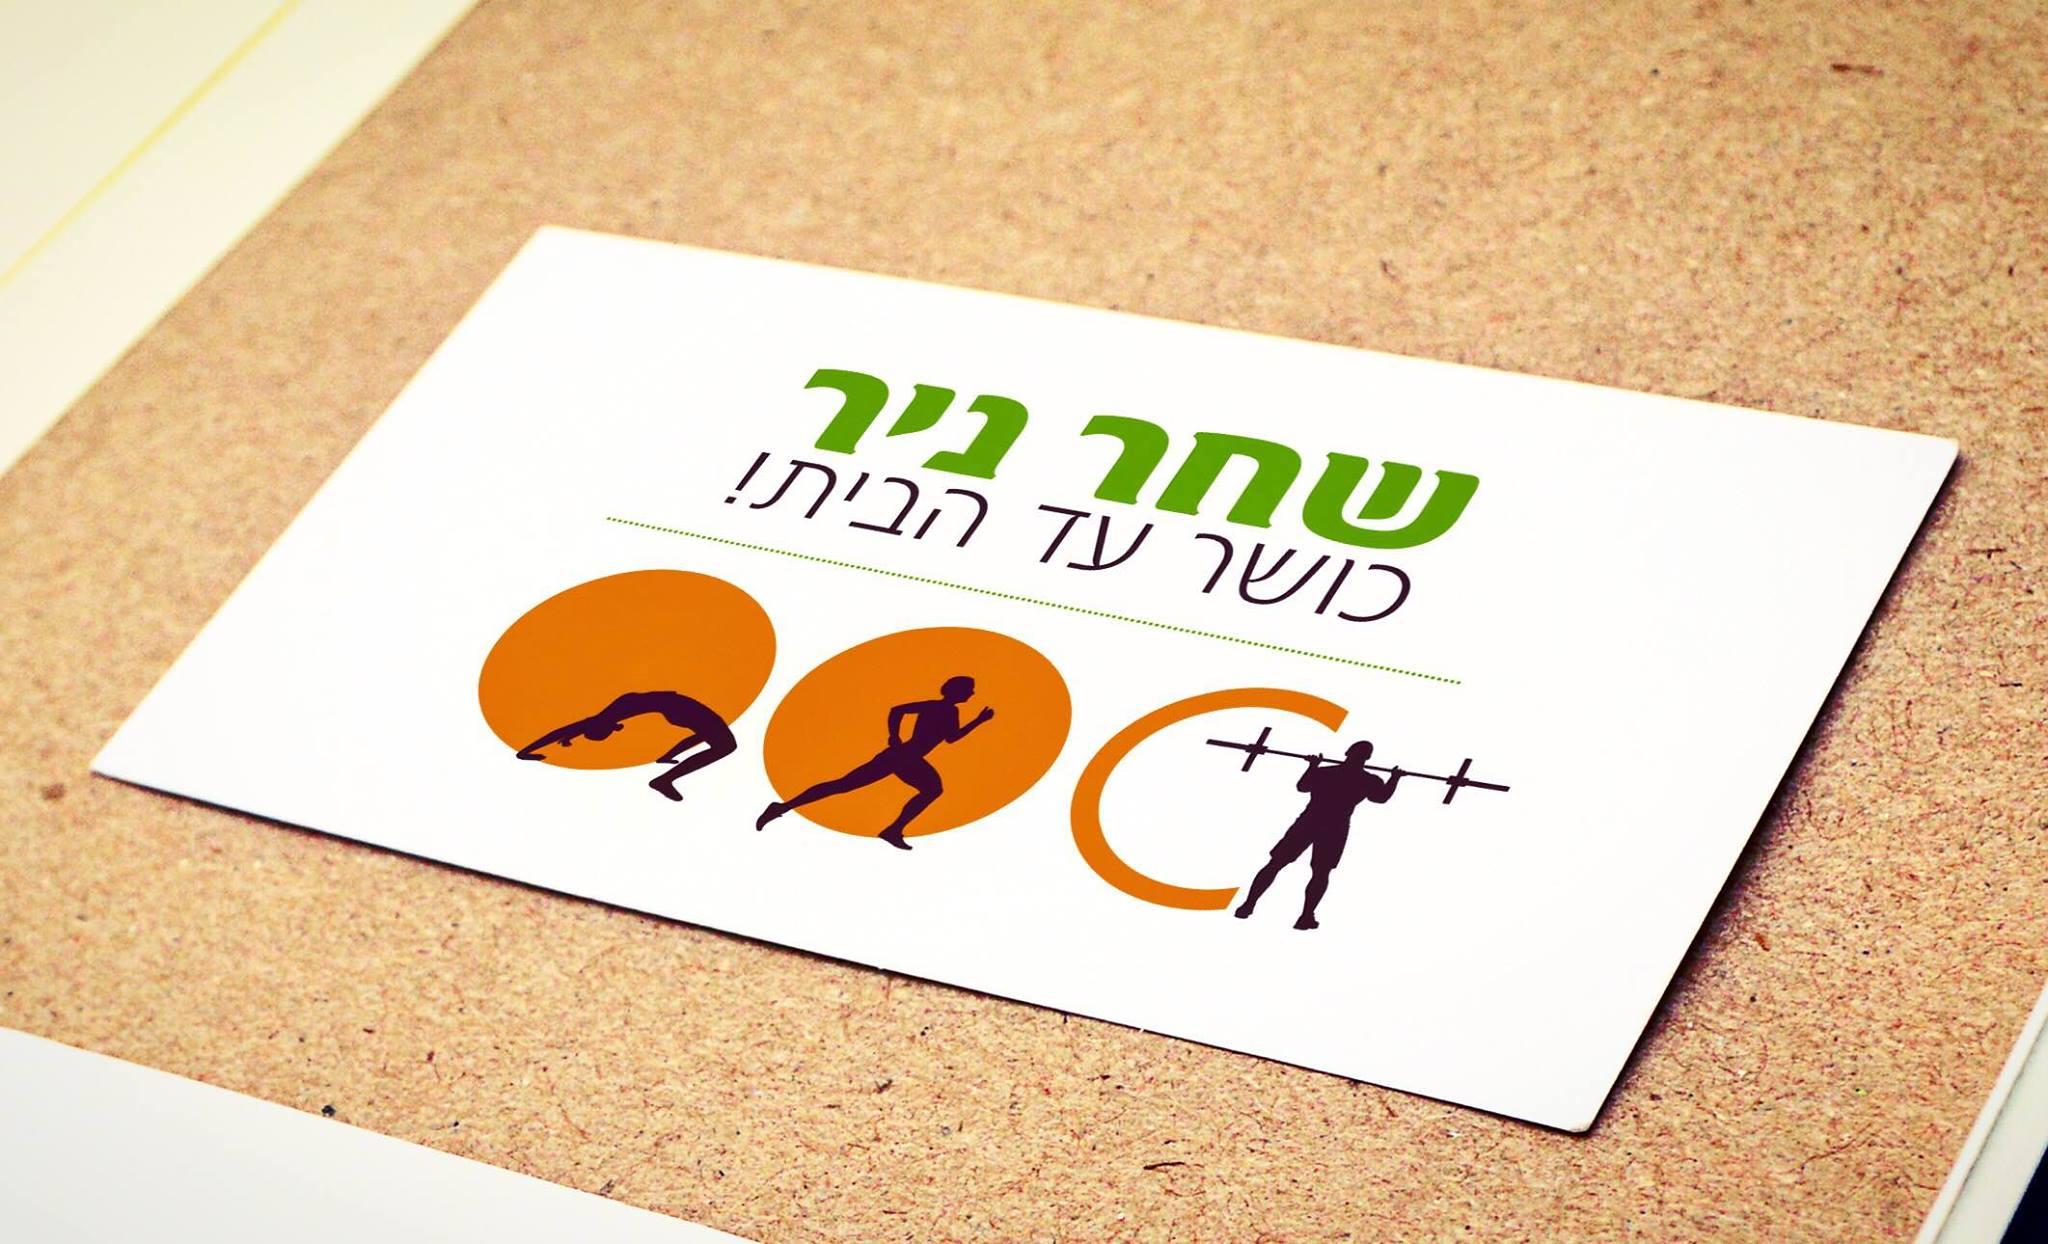 עיצוב לוגו - שחר ניר מאמן כושר